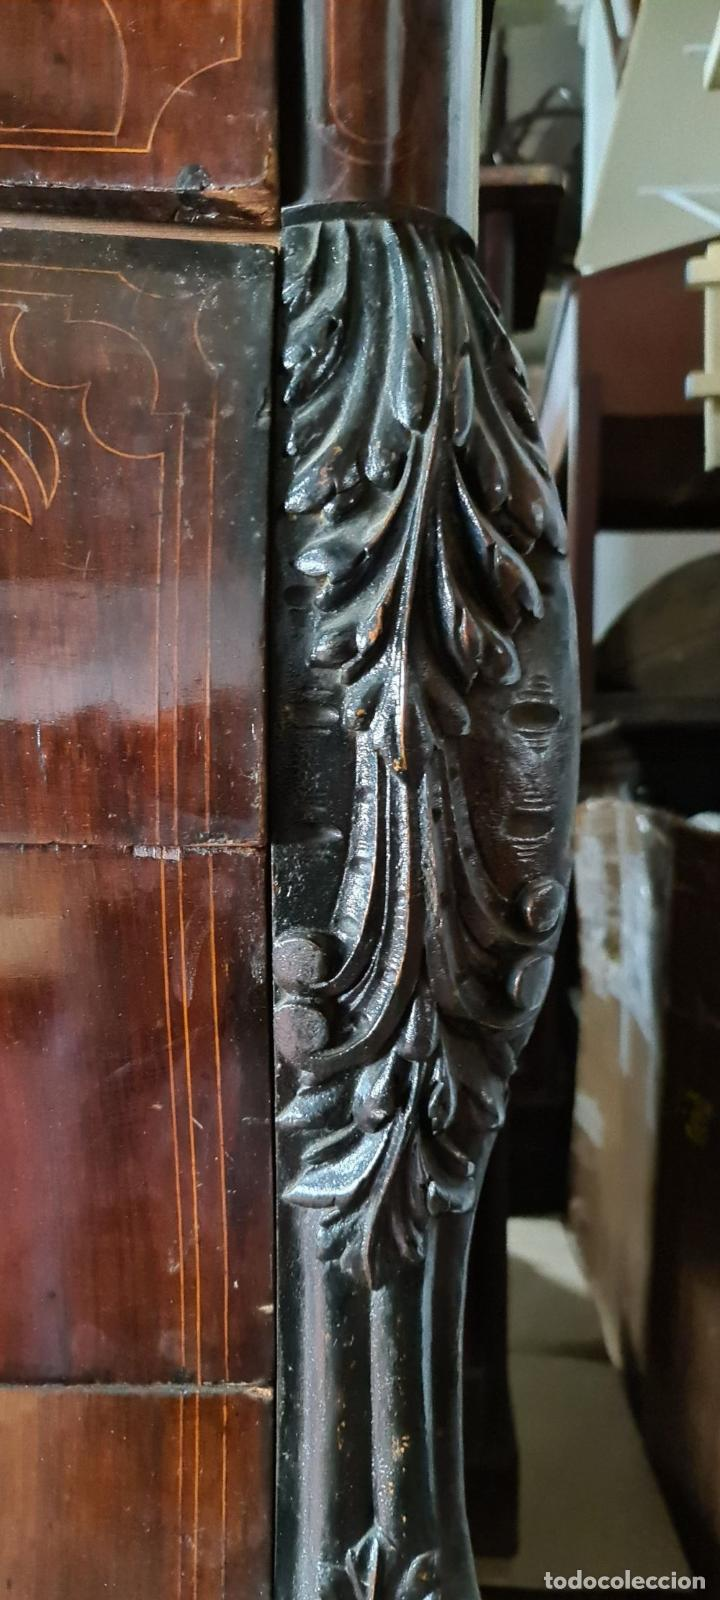 Antigüedades: COMODA EN MADERA DE PALISANDRO. ESTILO ISABELINO. MARQUETERIA DE BOJ. SIGLO XIX. - Foto 2 - 242040395